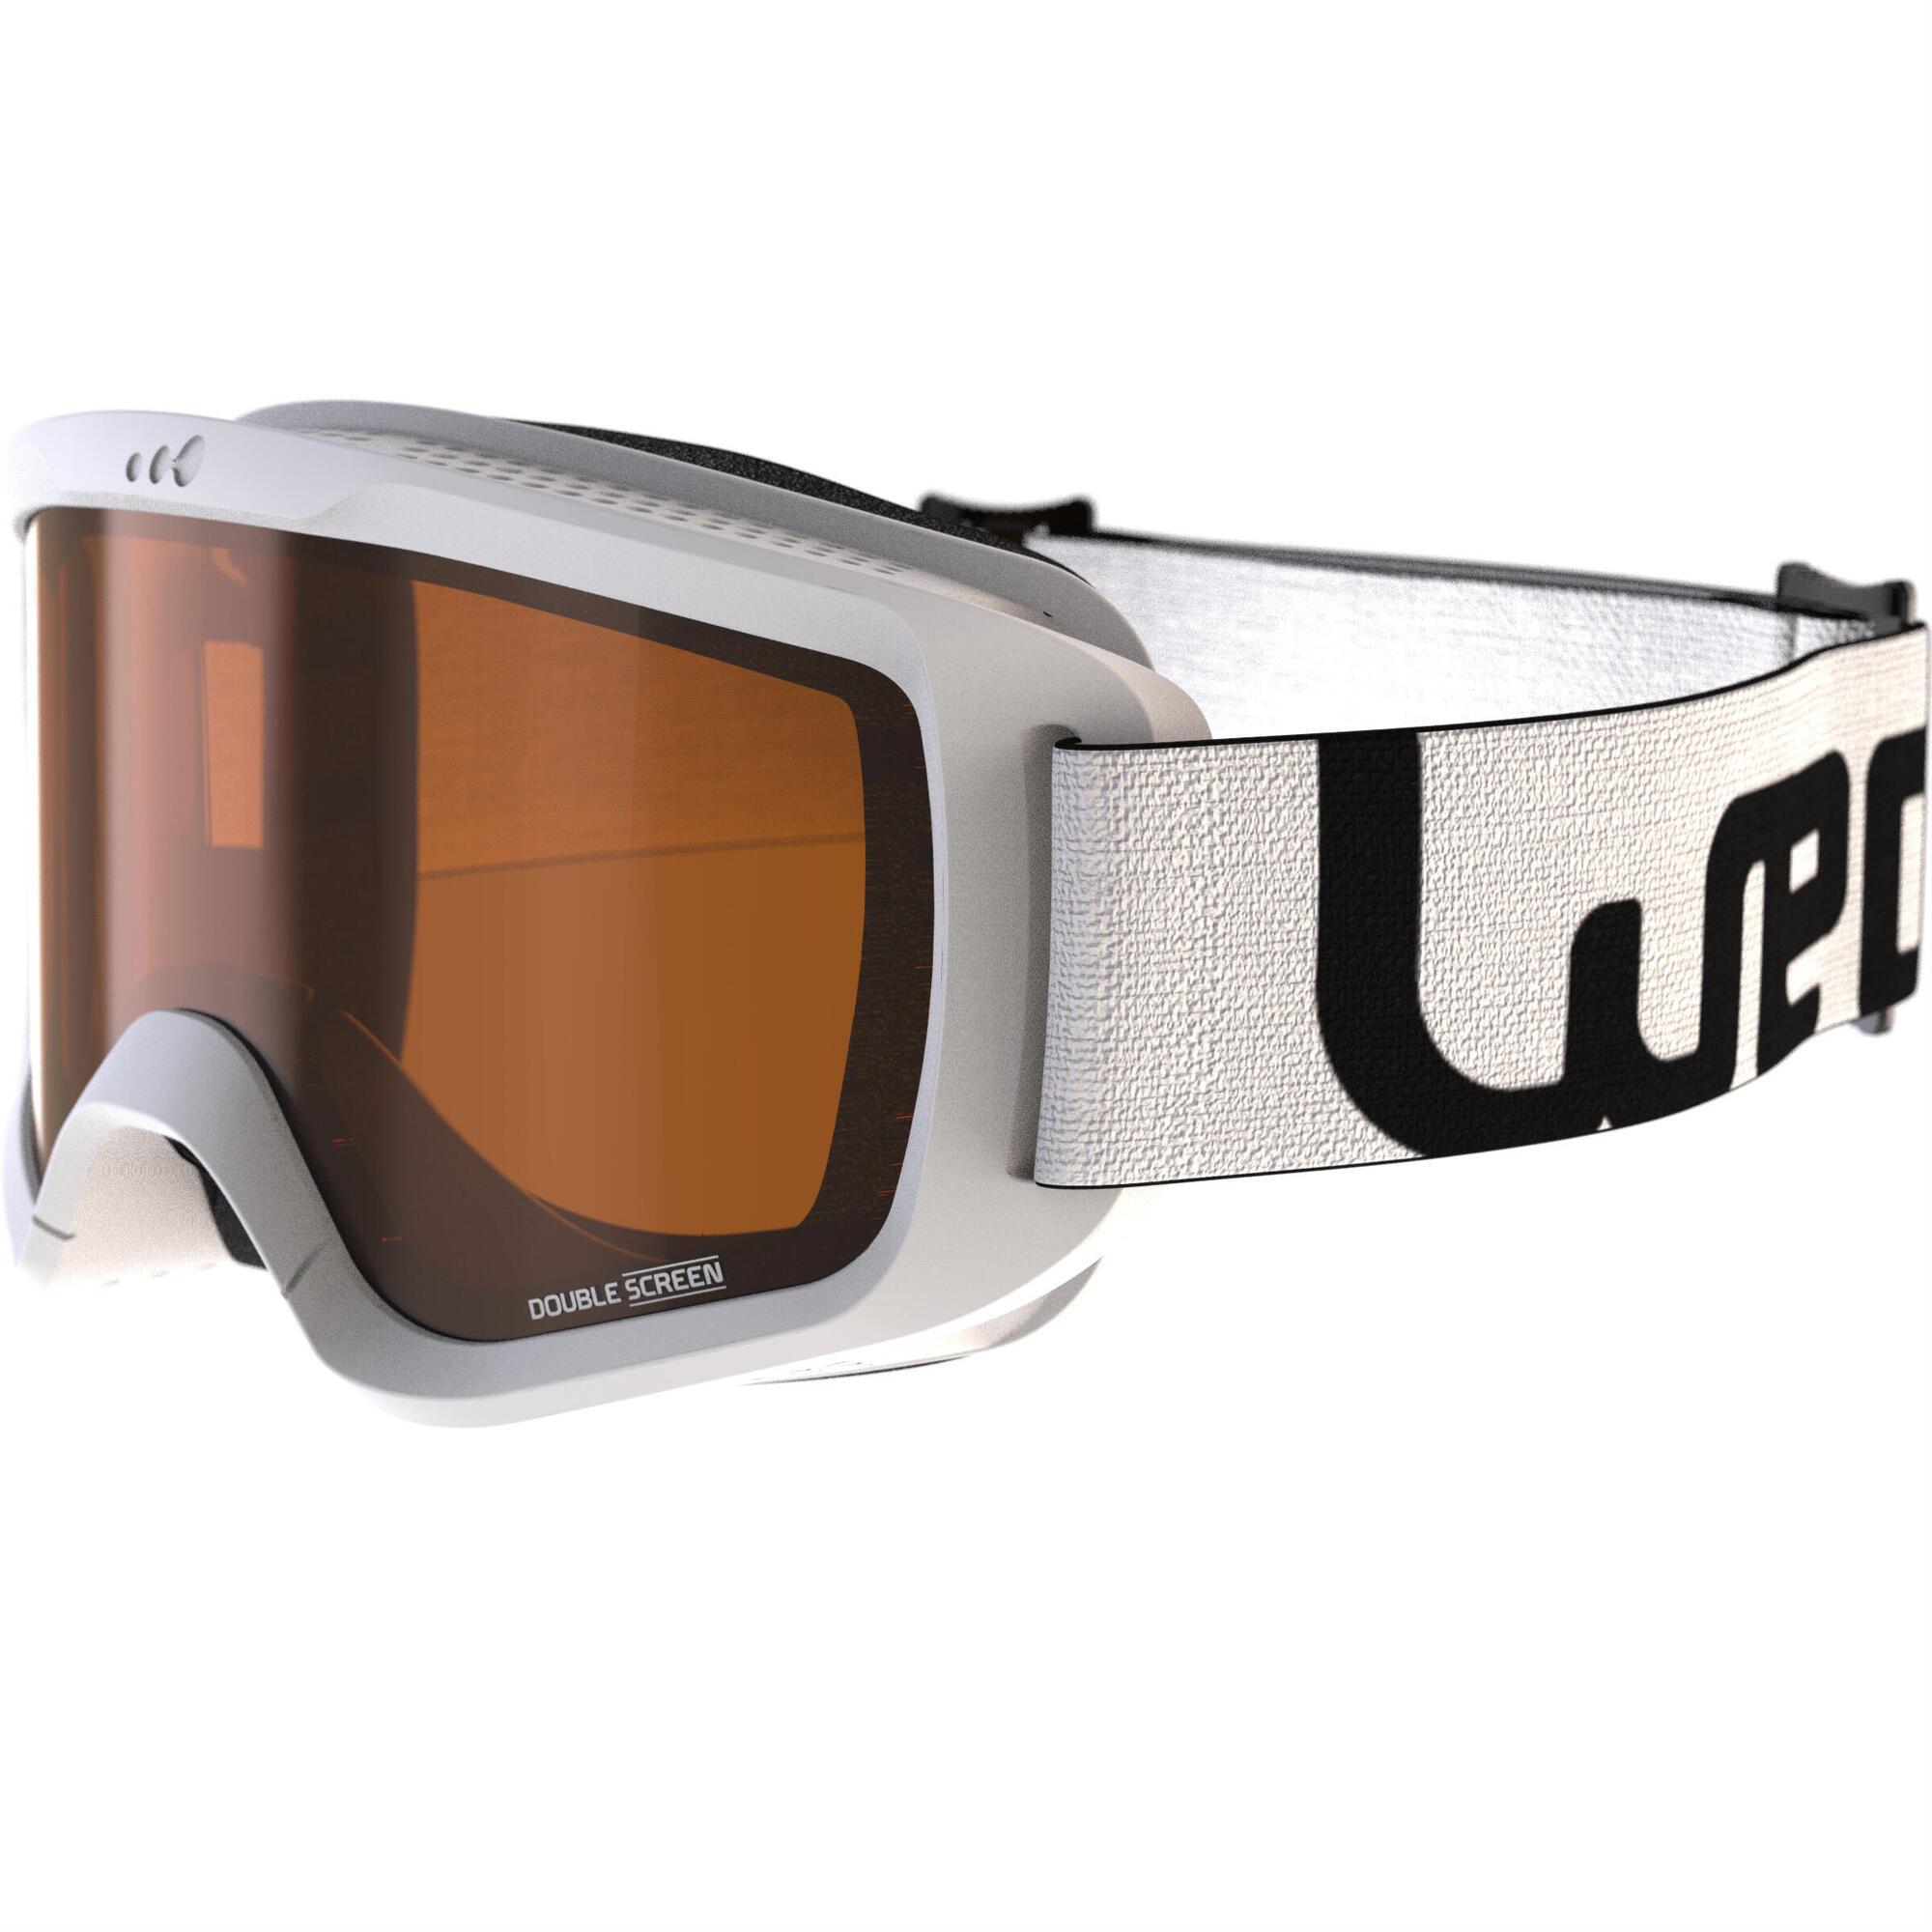 all goggles  Goggles